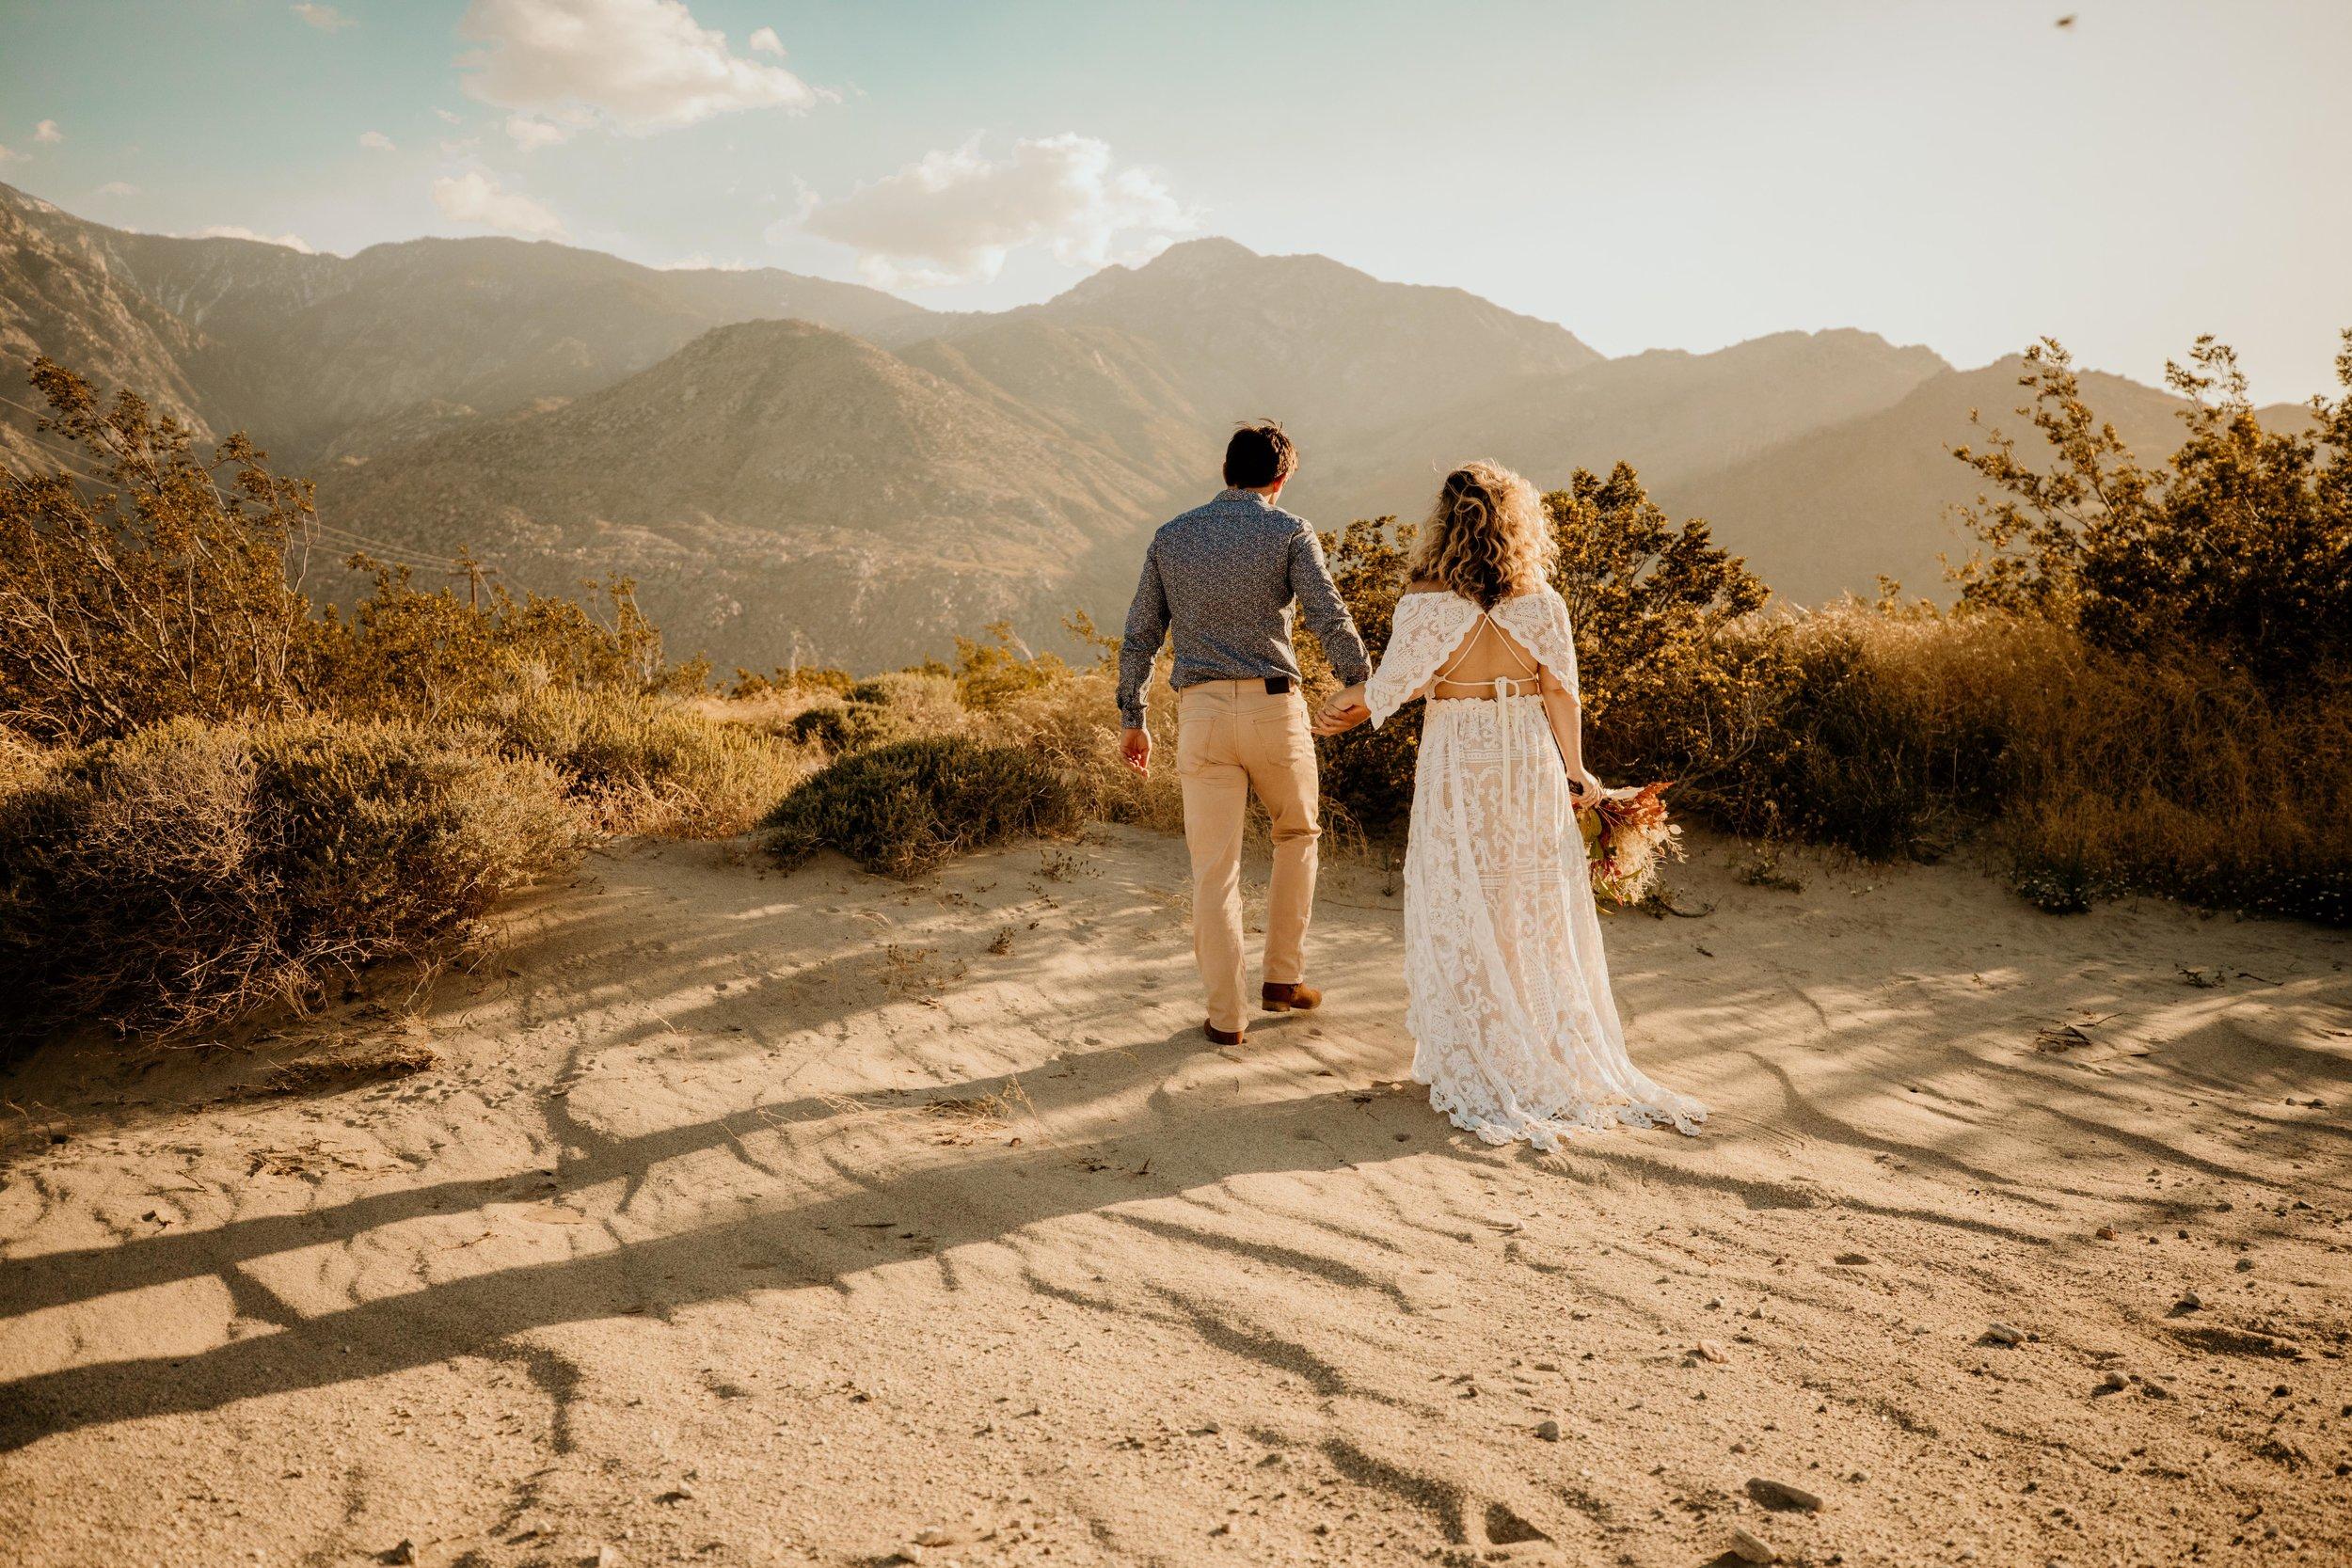 desert-palm-springs-elopement-photoshoot-3058-2 2.jpg